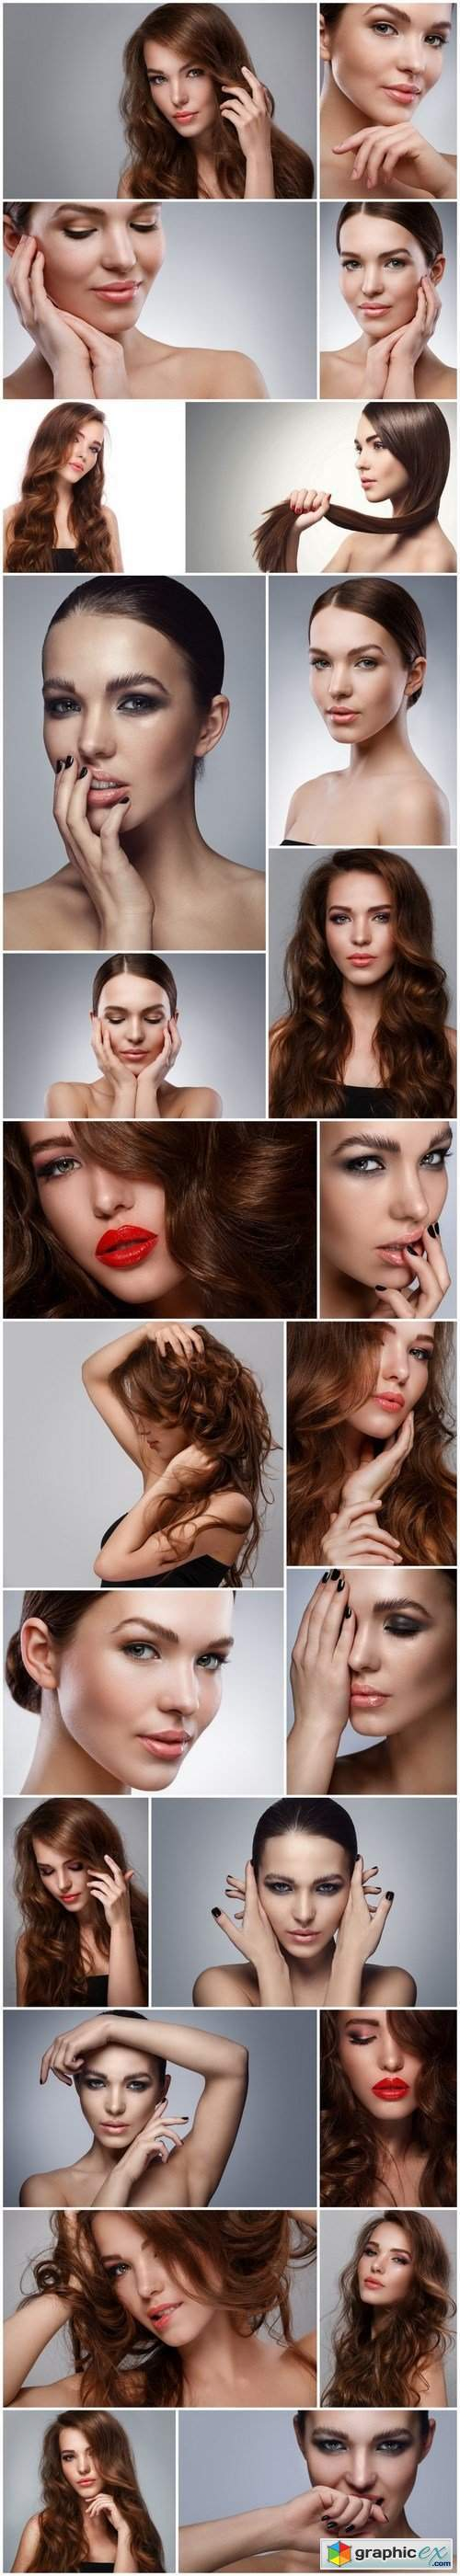 Beautiful woman with stylish MakeUp - 24xUHQ JPEG